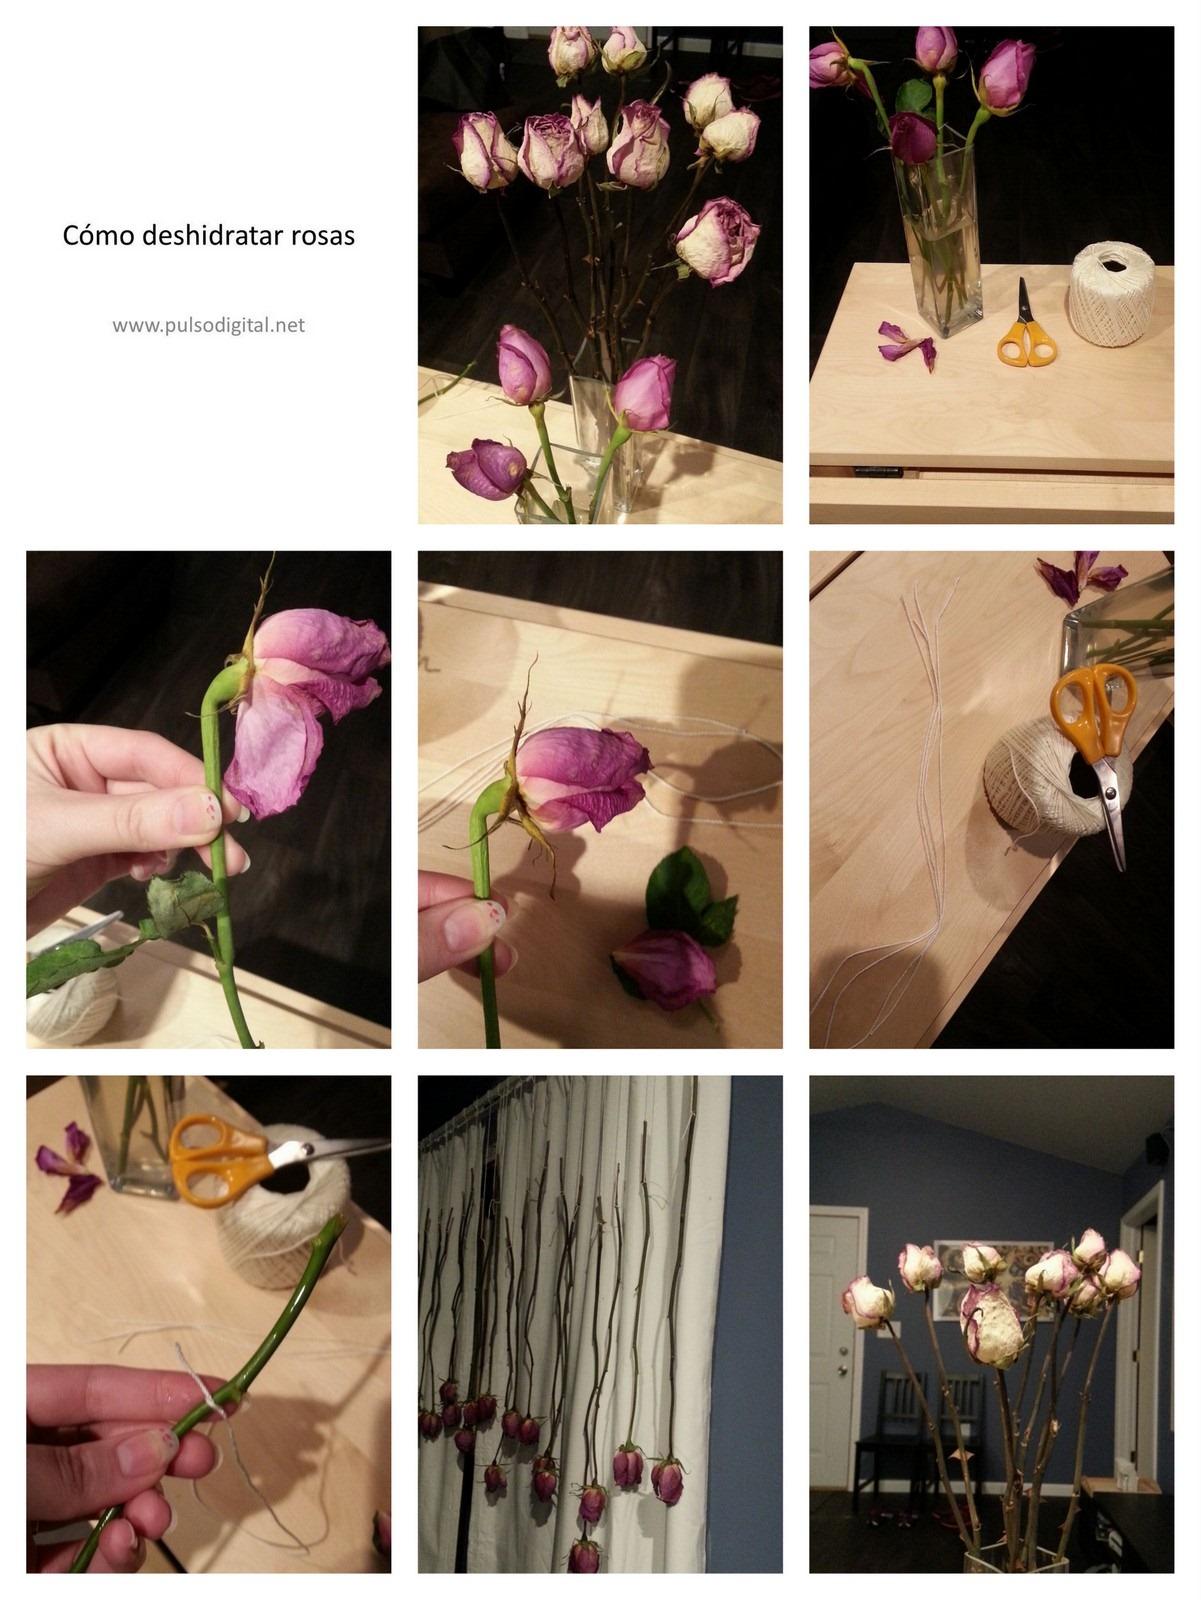 Cómo deshidratar rosas